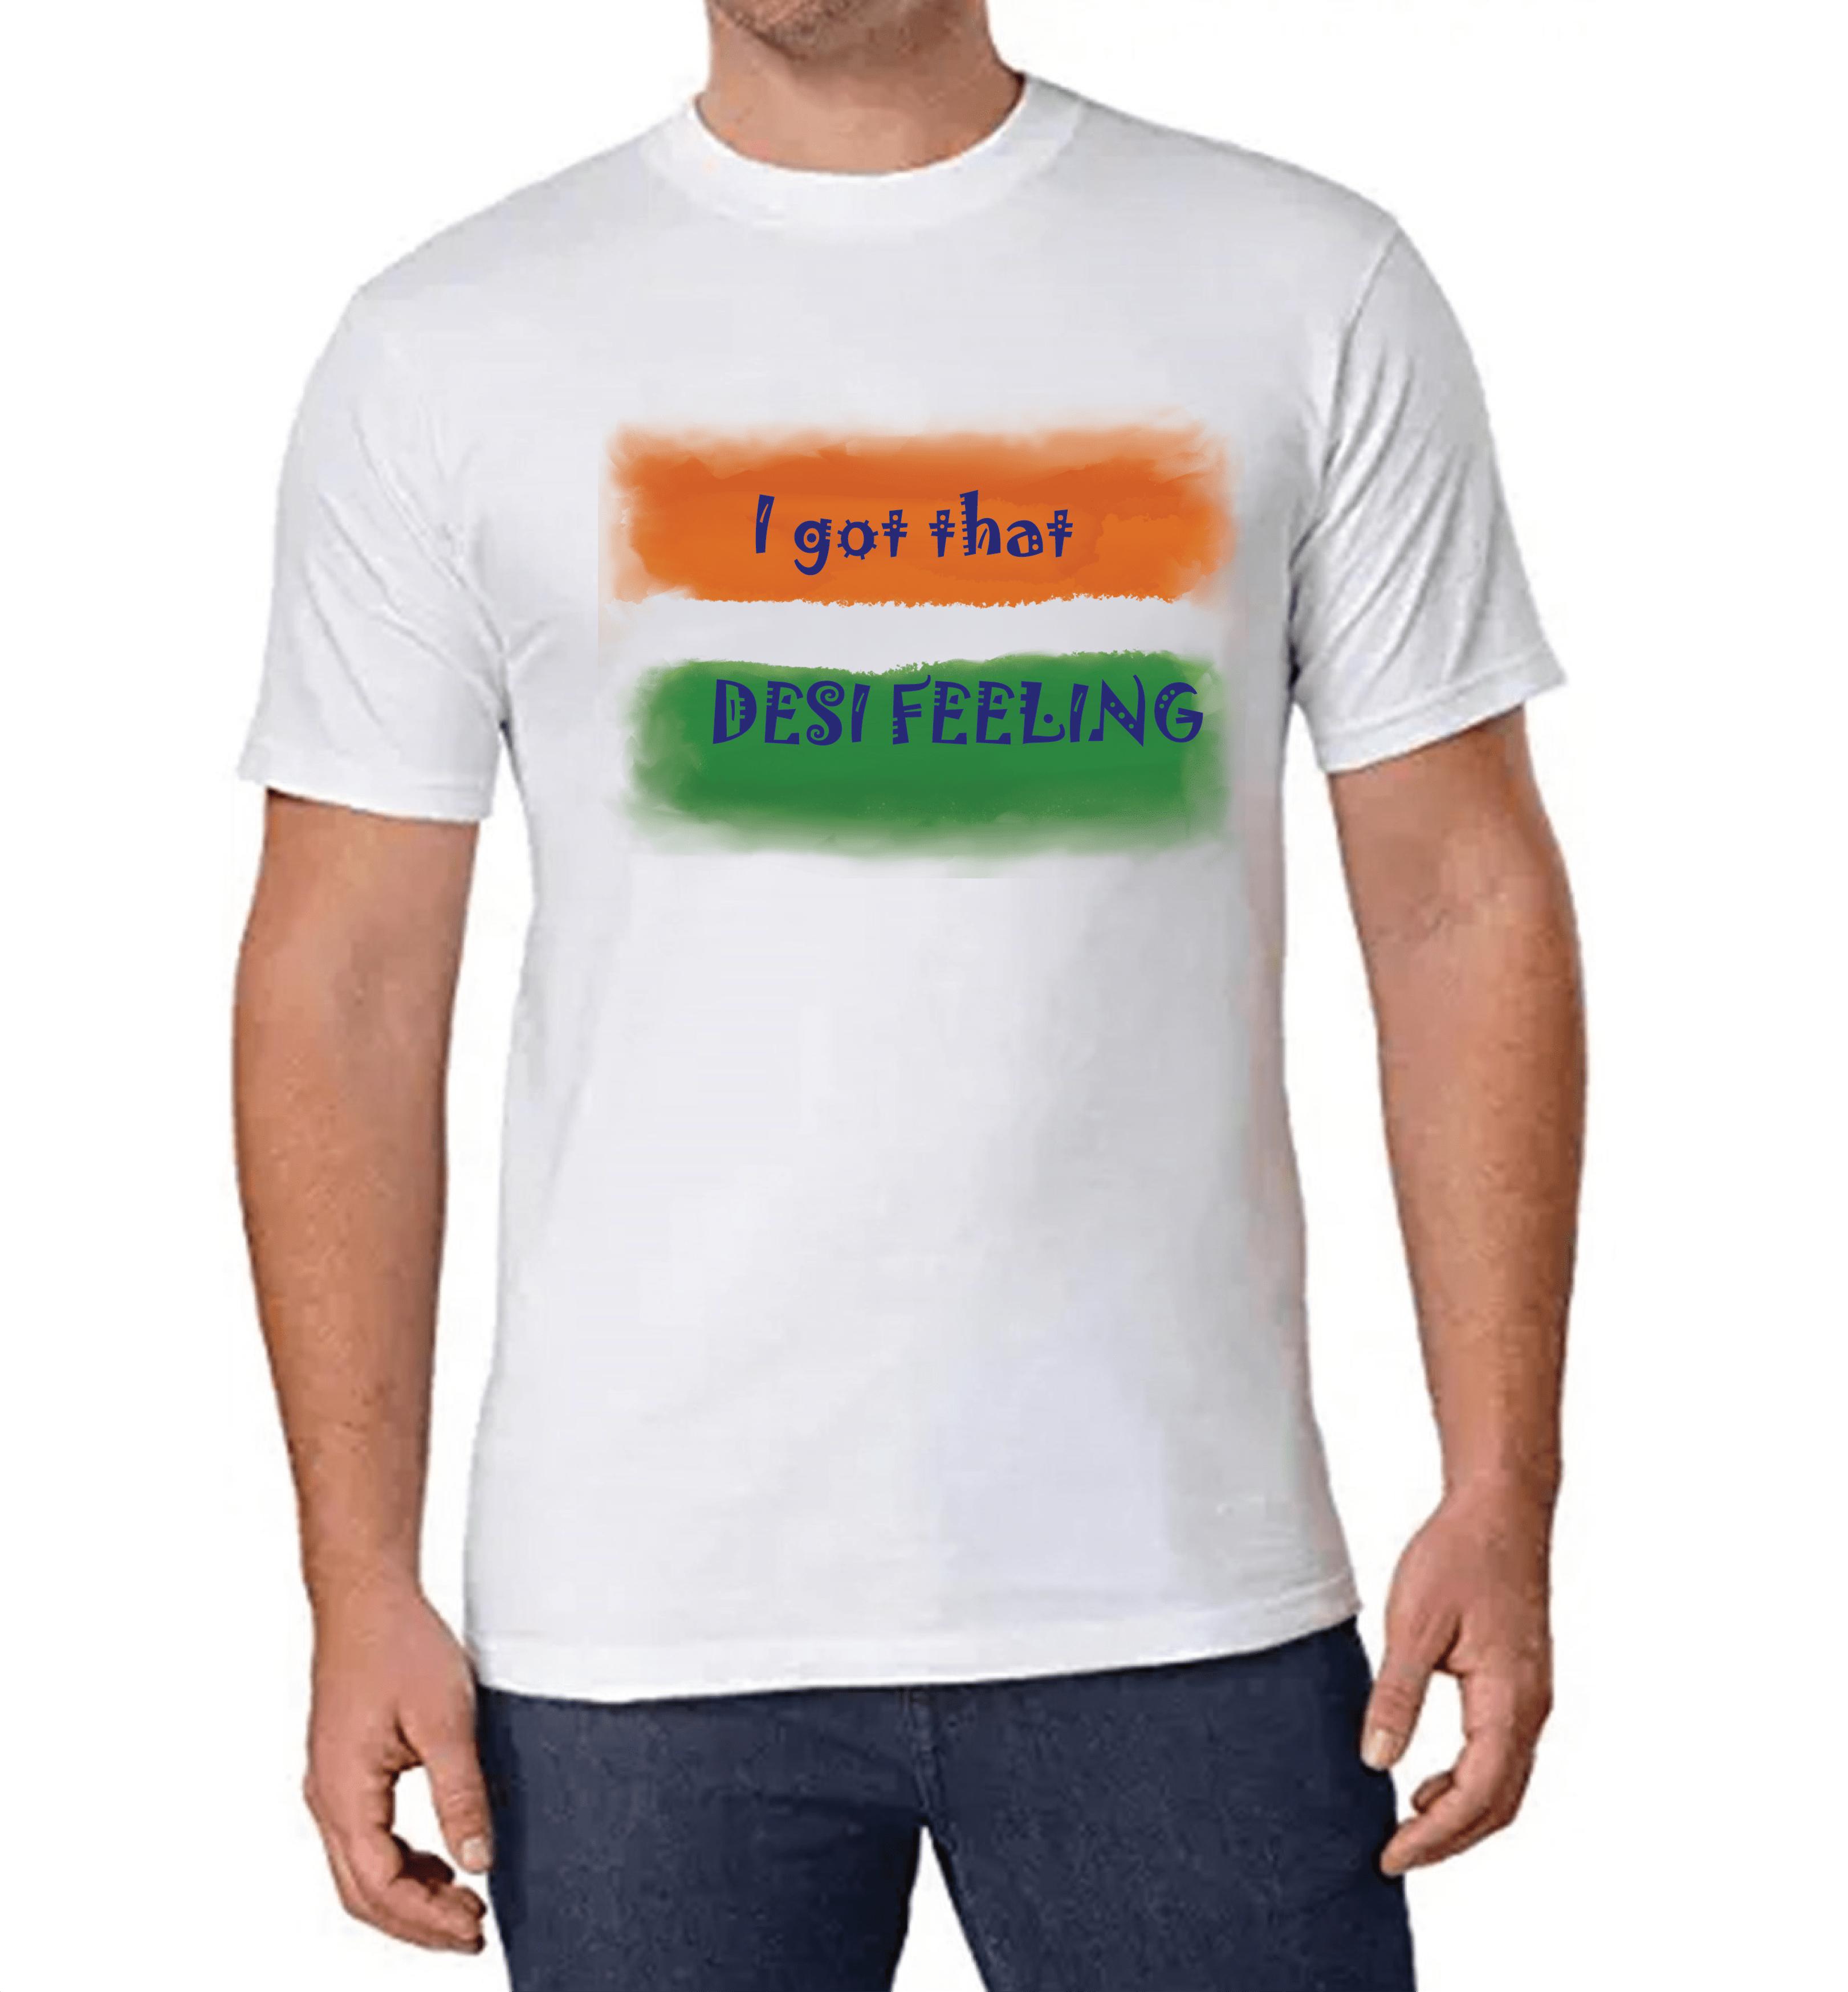 I got that Desi Feeling T-shirt for Men Slider Thumbnail 1/2